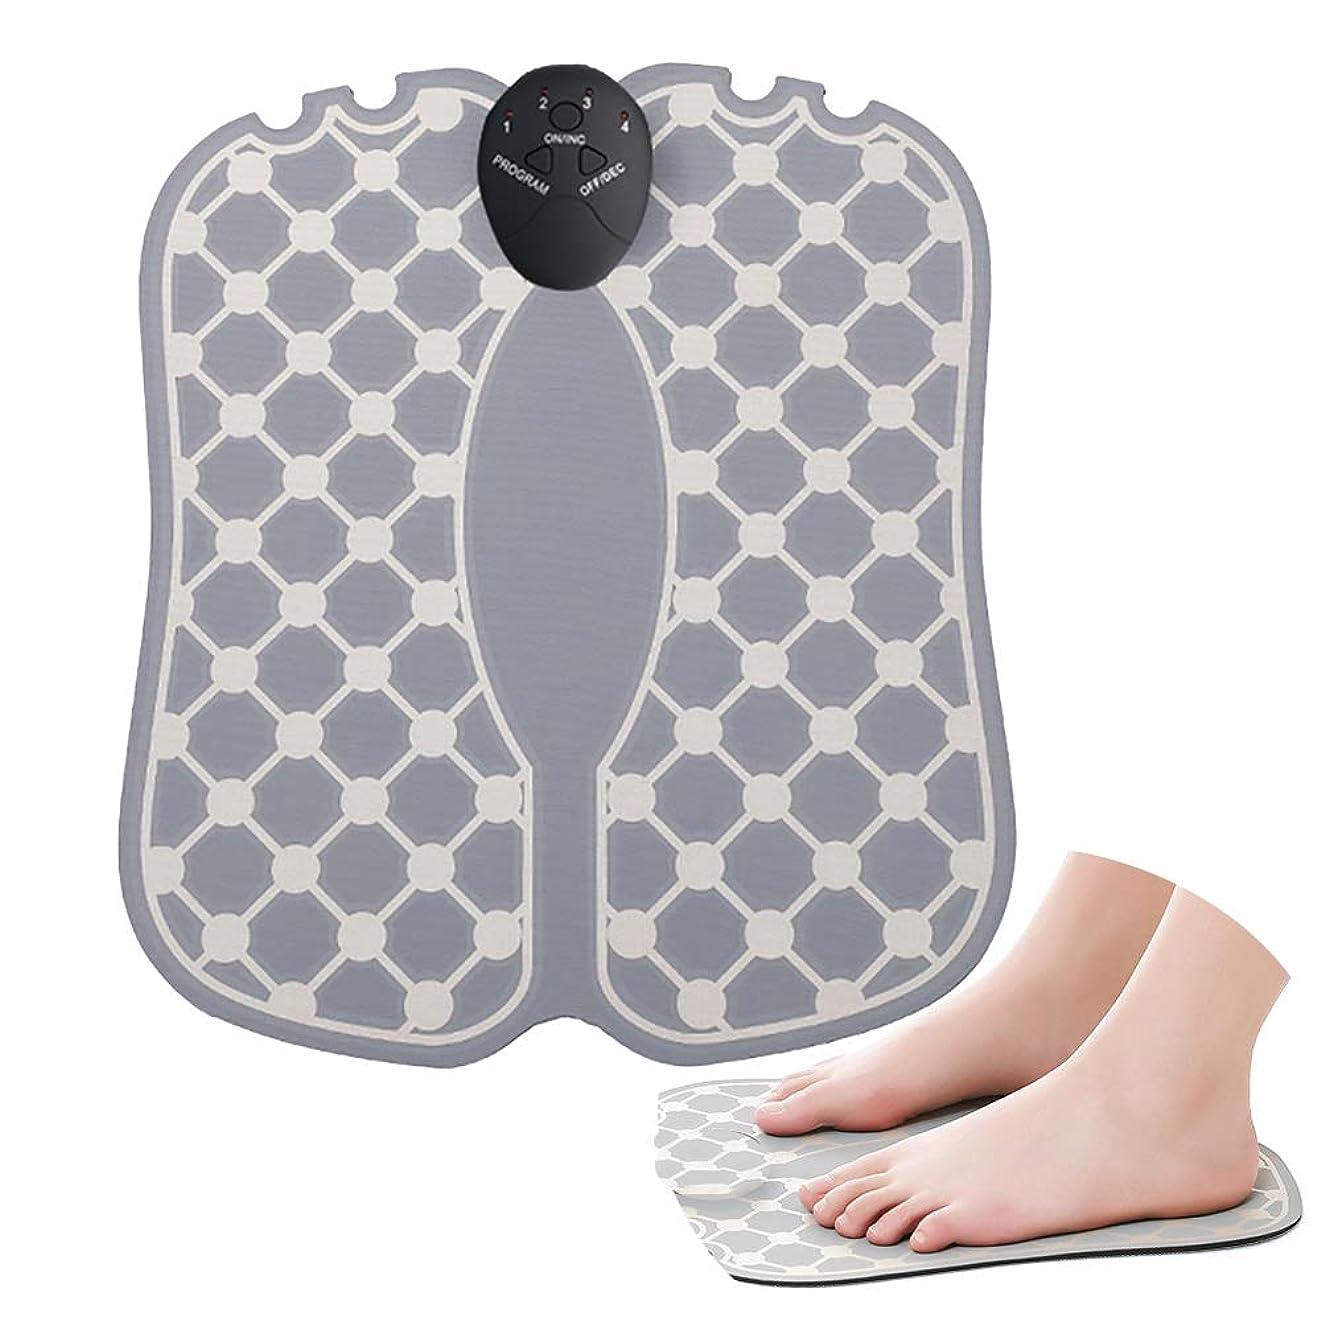 答え動揺させる小道具足のマッサージトマッサージャーフットマッサージャーEMSの減圧は深いティッシュ、足の器械が付いている苦痛の足を緩めます